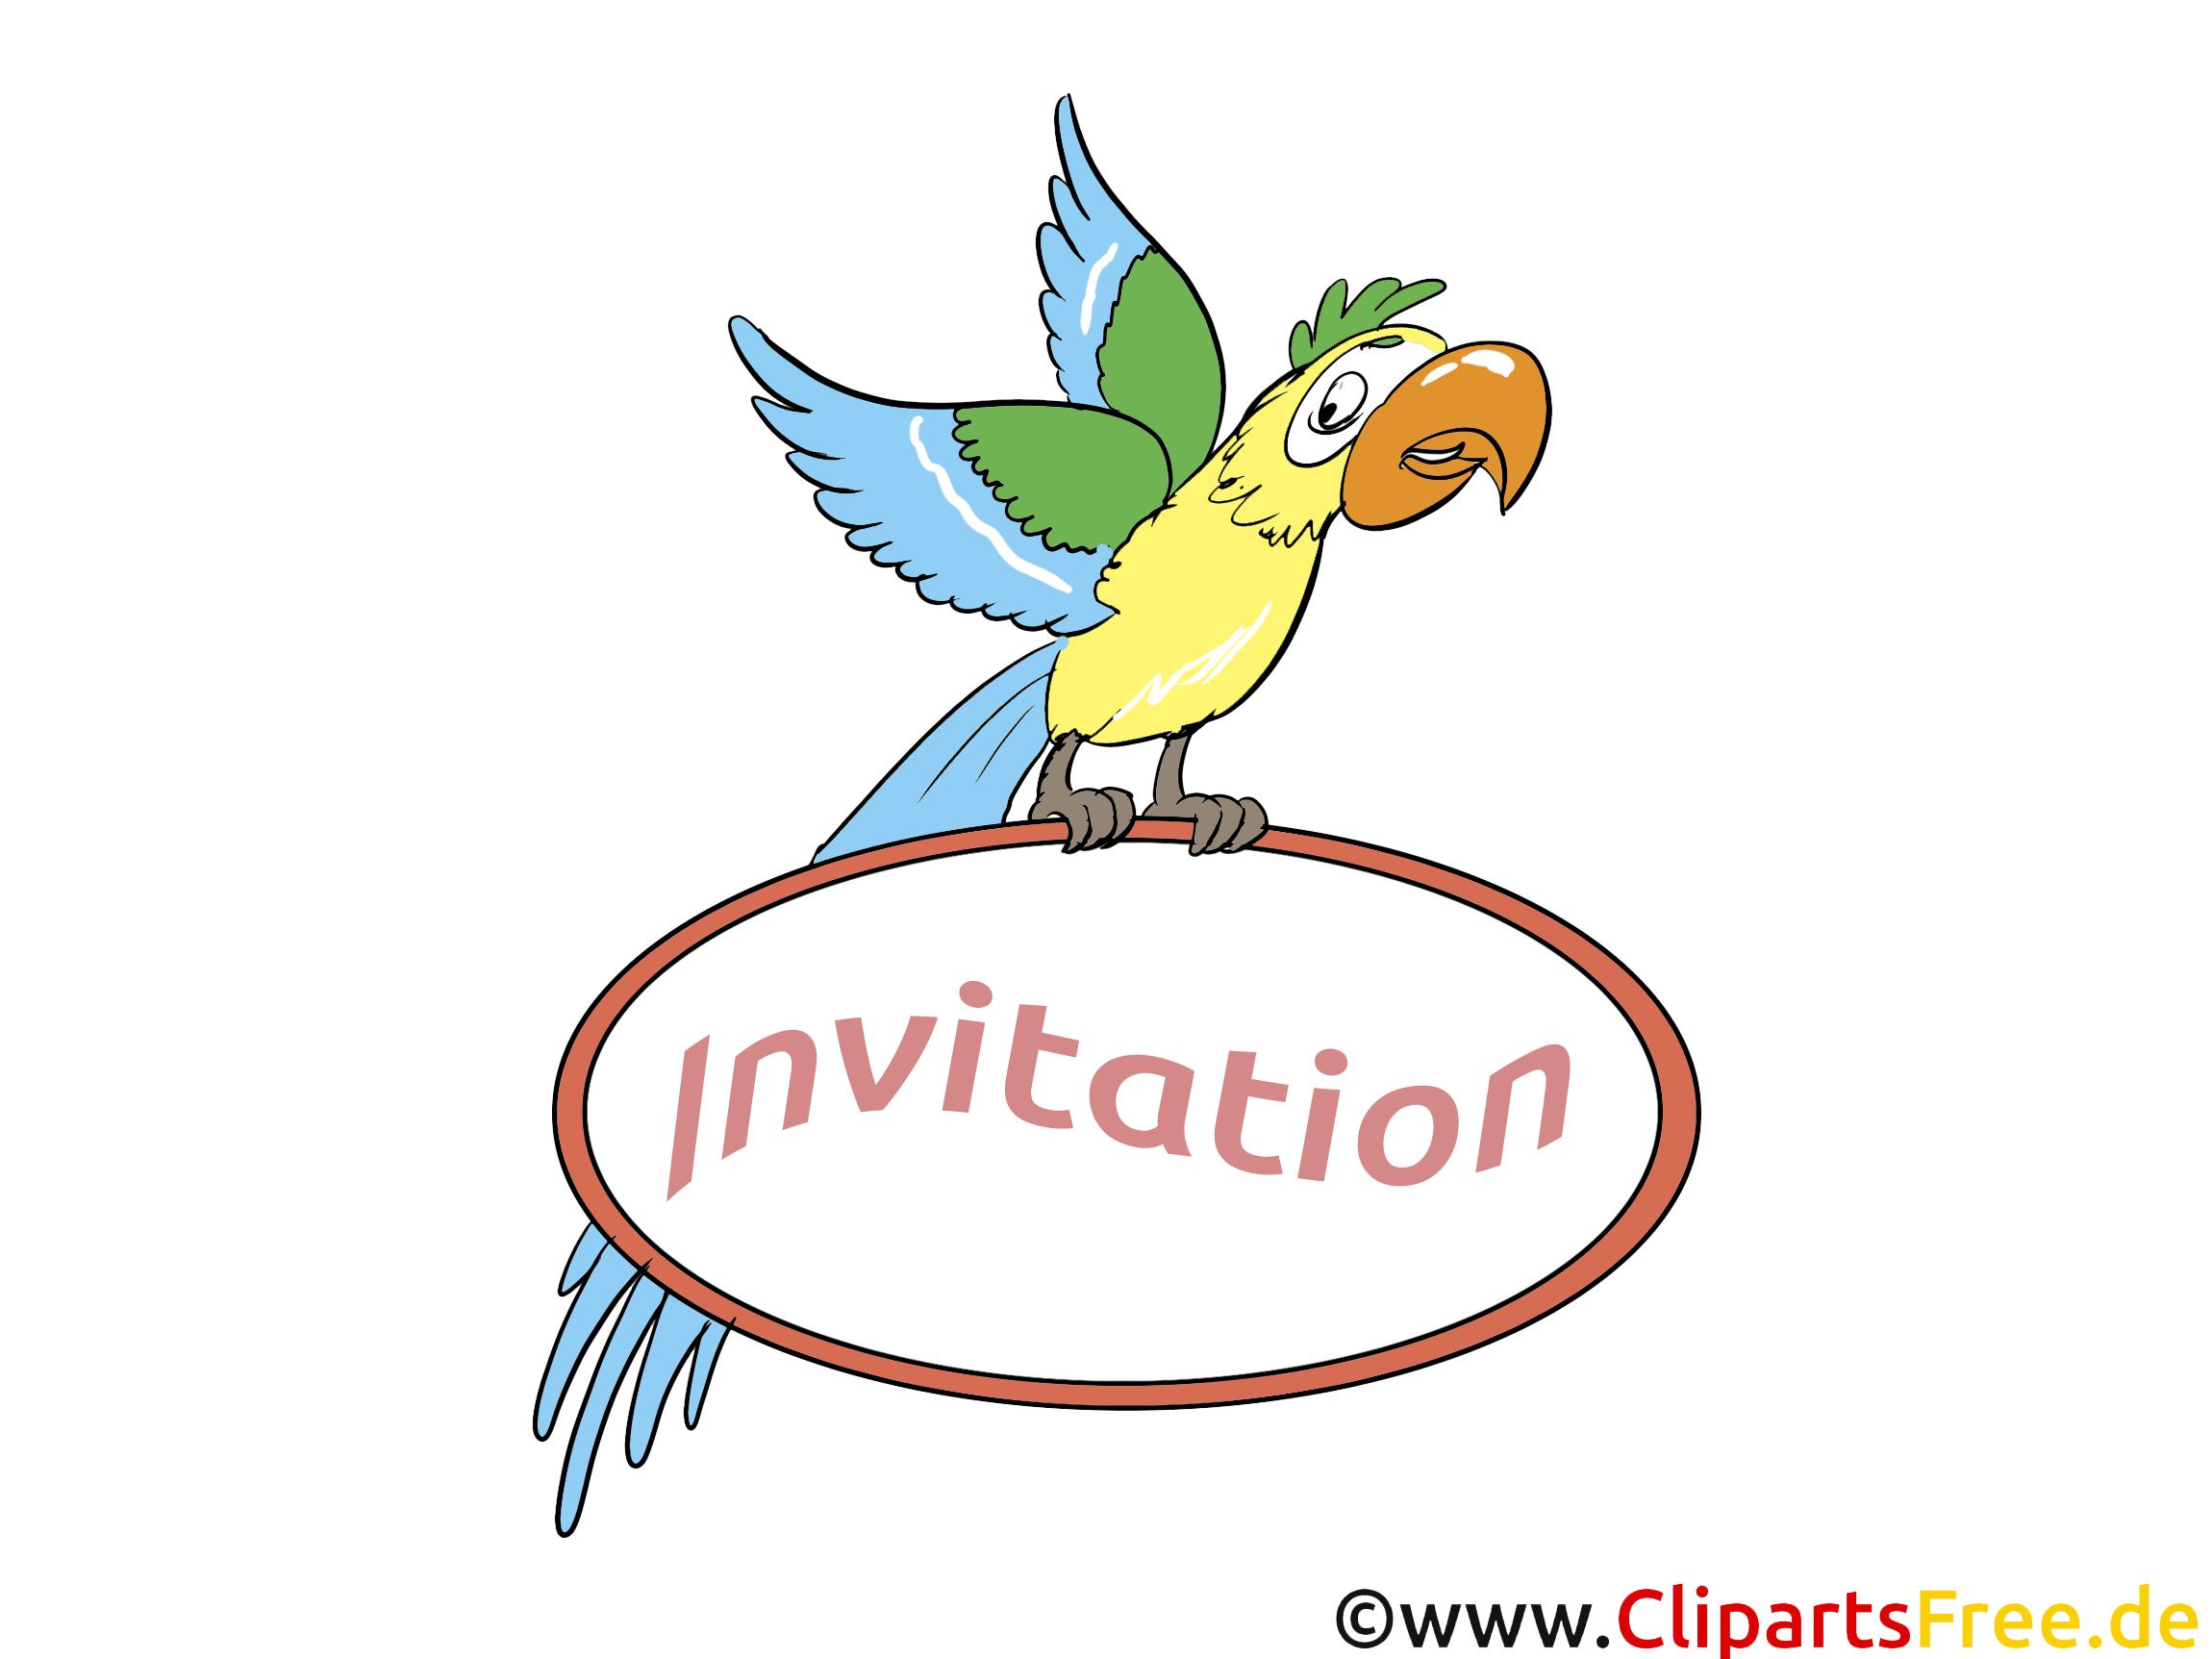 Perroquet dessins gratuits - Invitation clipart